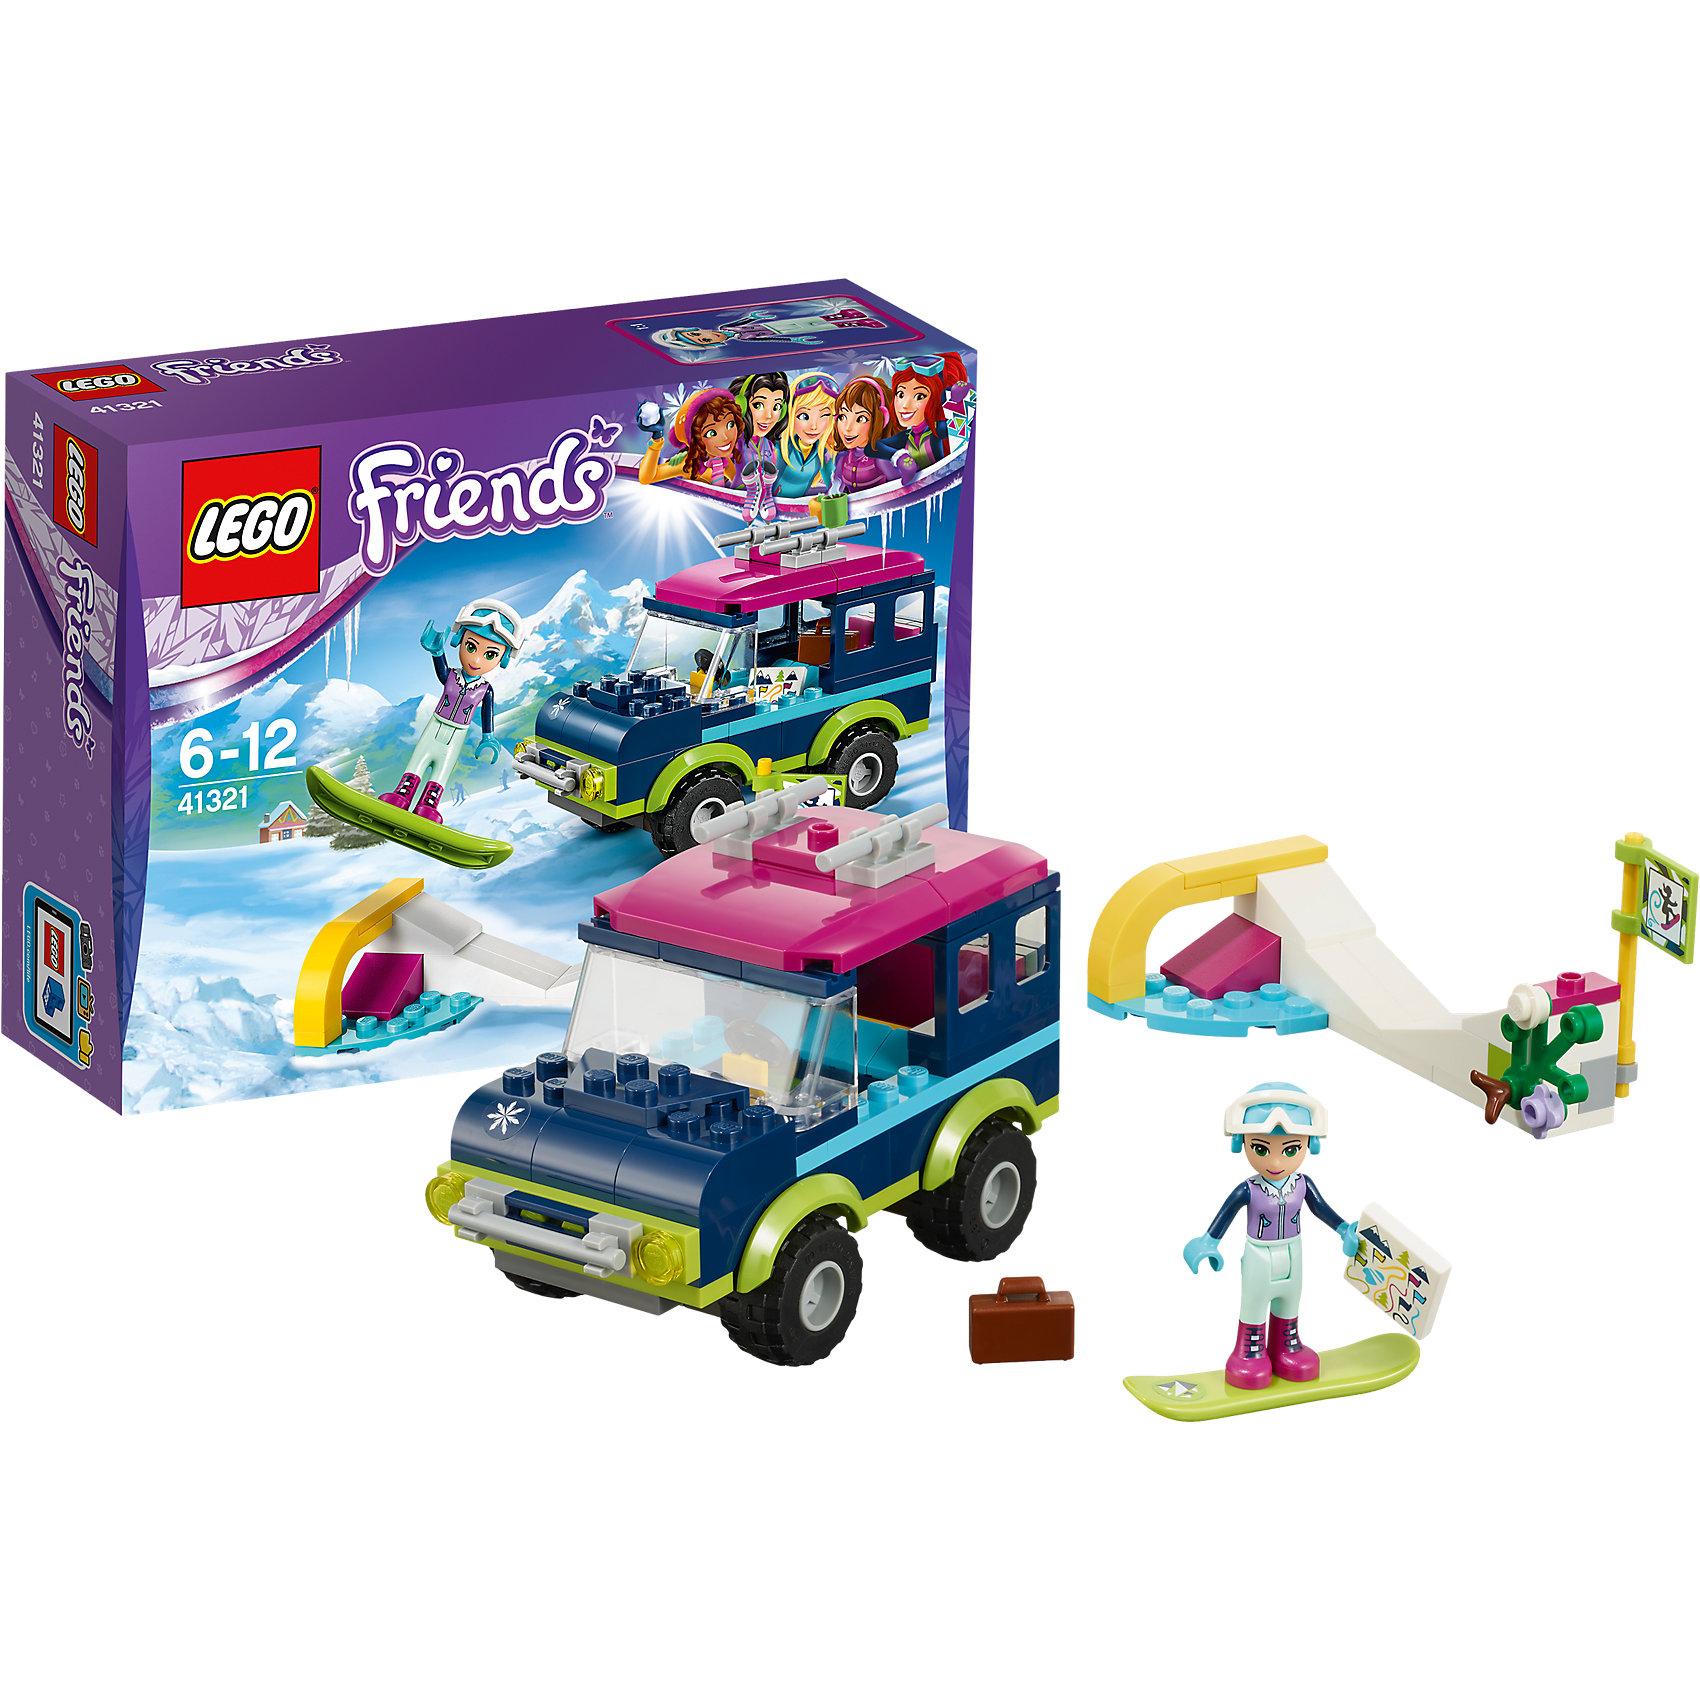 LEGO Friends 41321: Горнолыжный курорт: внедорожникПластмассовые конструкторы<br><br><br>Ширина мм: 192<br>Глубина мм: 142<br>Высота мм: 66<br>Вес г: 212<br>Возраст от месяцев: 72<br>Возраст до месяцев: 144<br>Пол: Женский<br>Возраст: Детский<br>SKU: 5620045